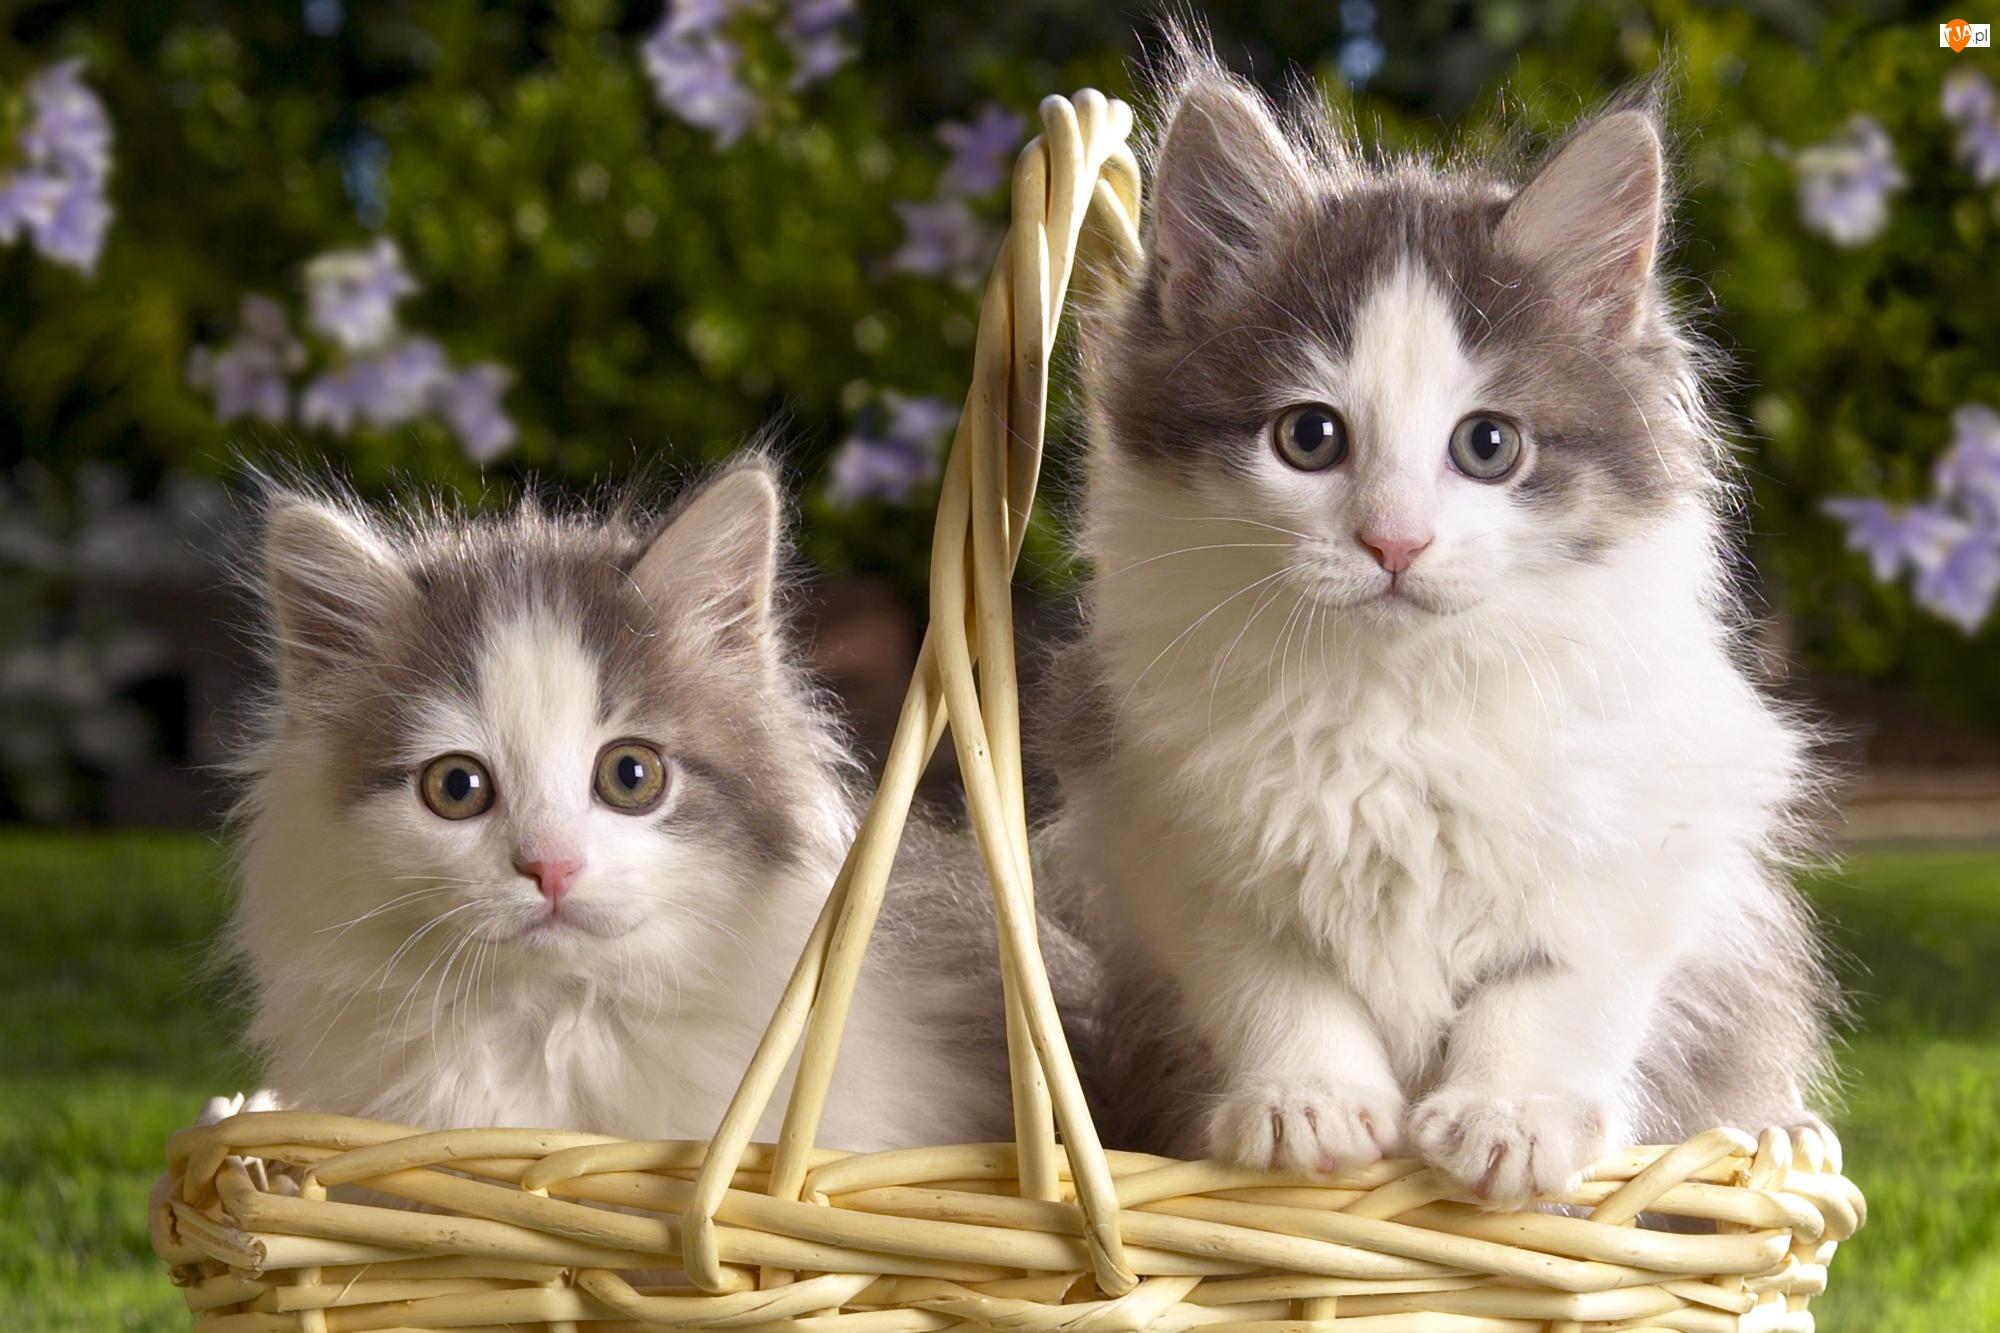 Wiklinowy, Koty, Kosz, Dwa